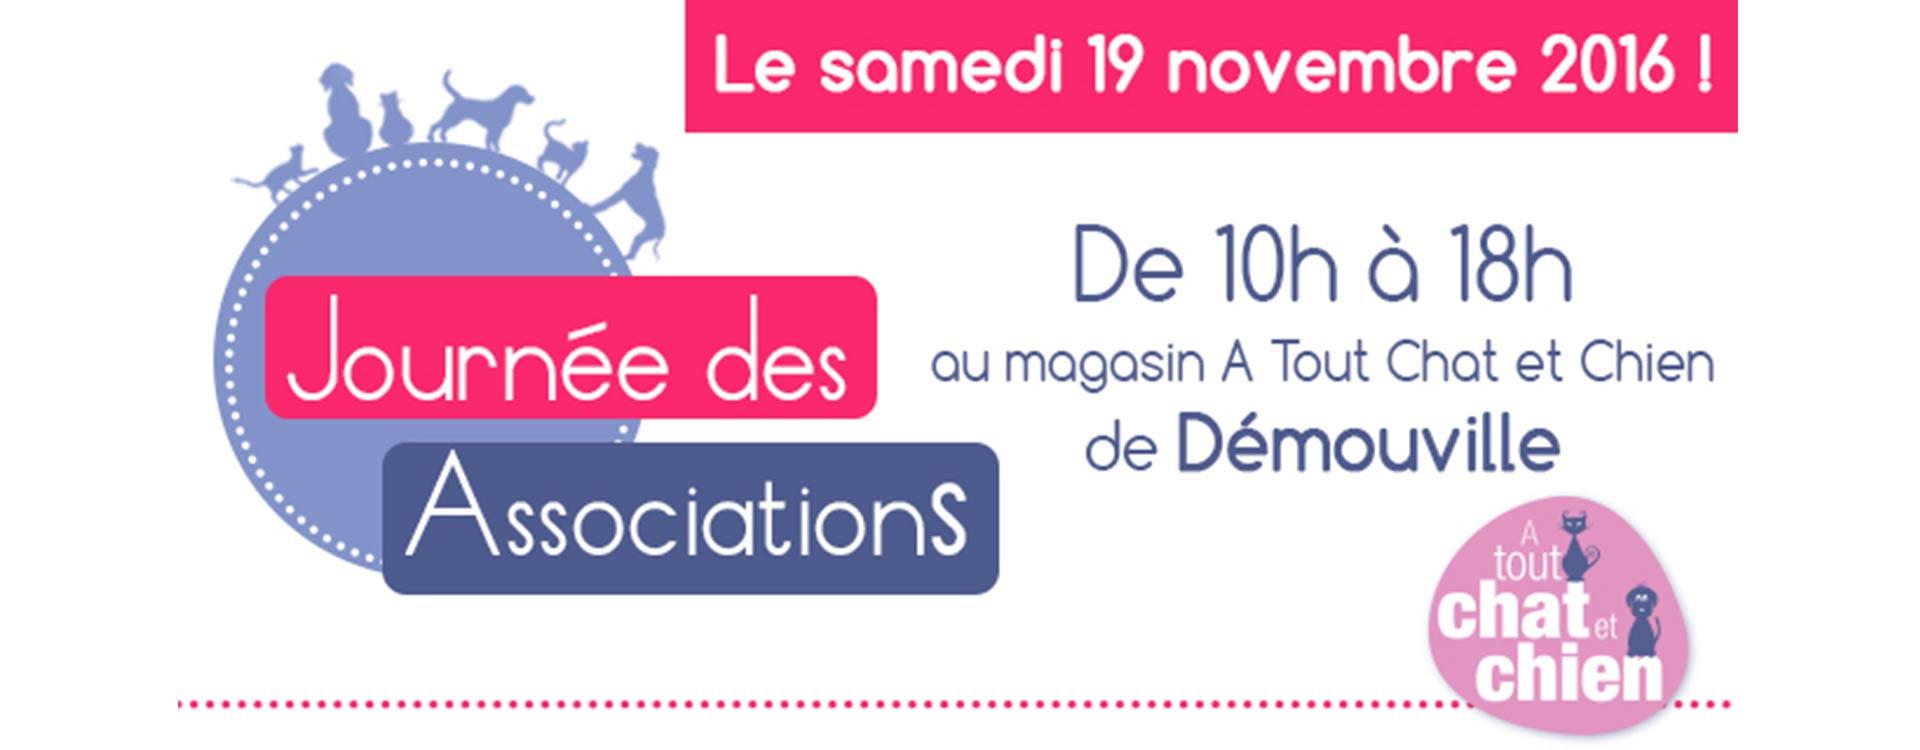 Journée des associations 2016